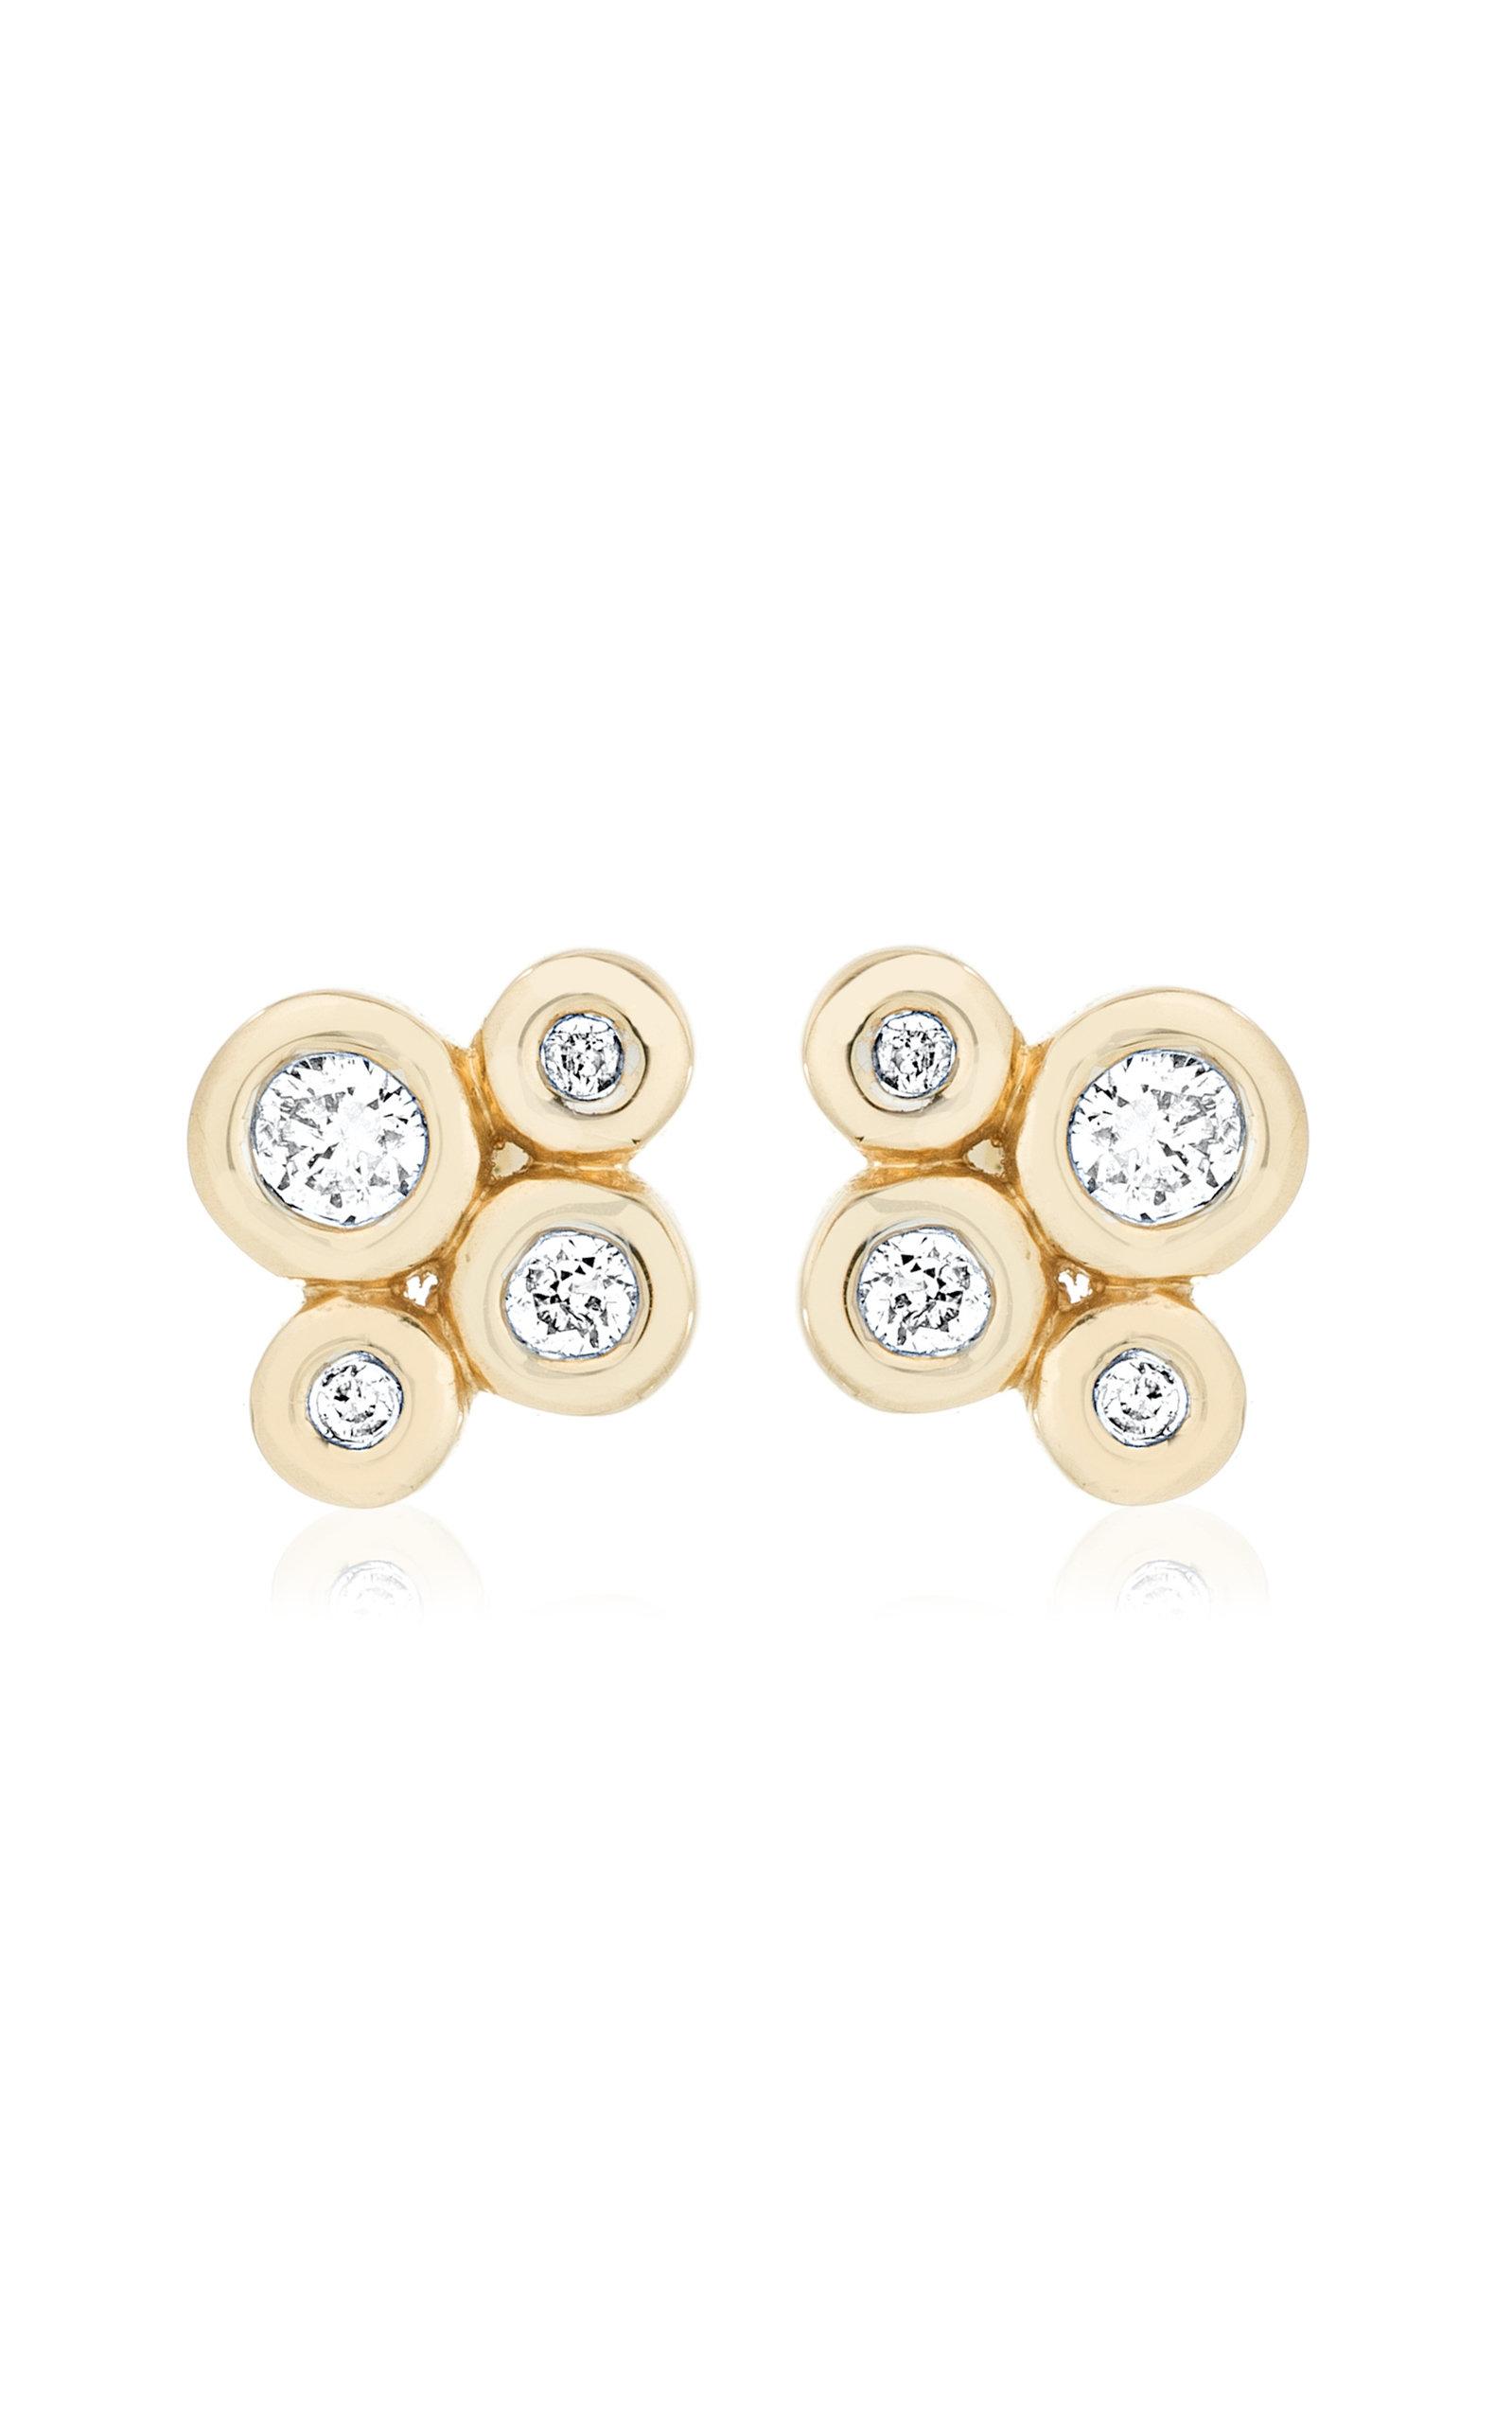 Adina Reyter WOMEN'S BARNACLES 14K GOLD DIAMOND STUD EARRINGS